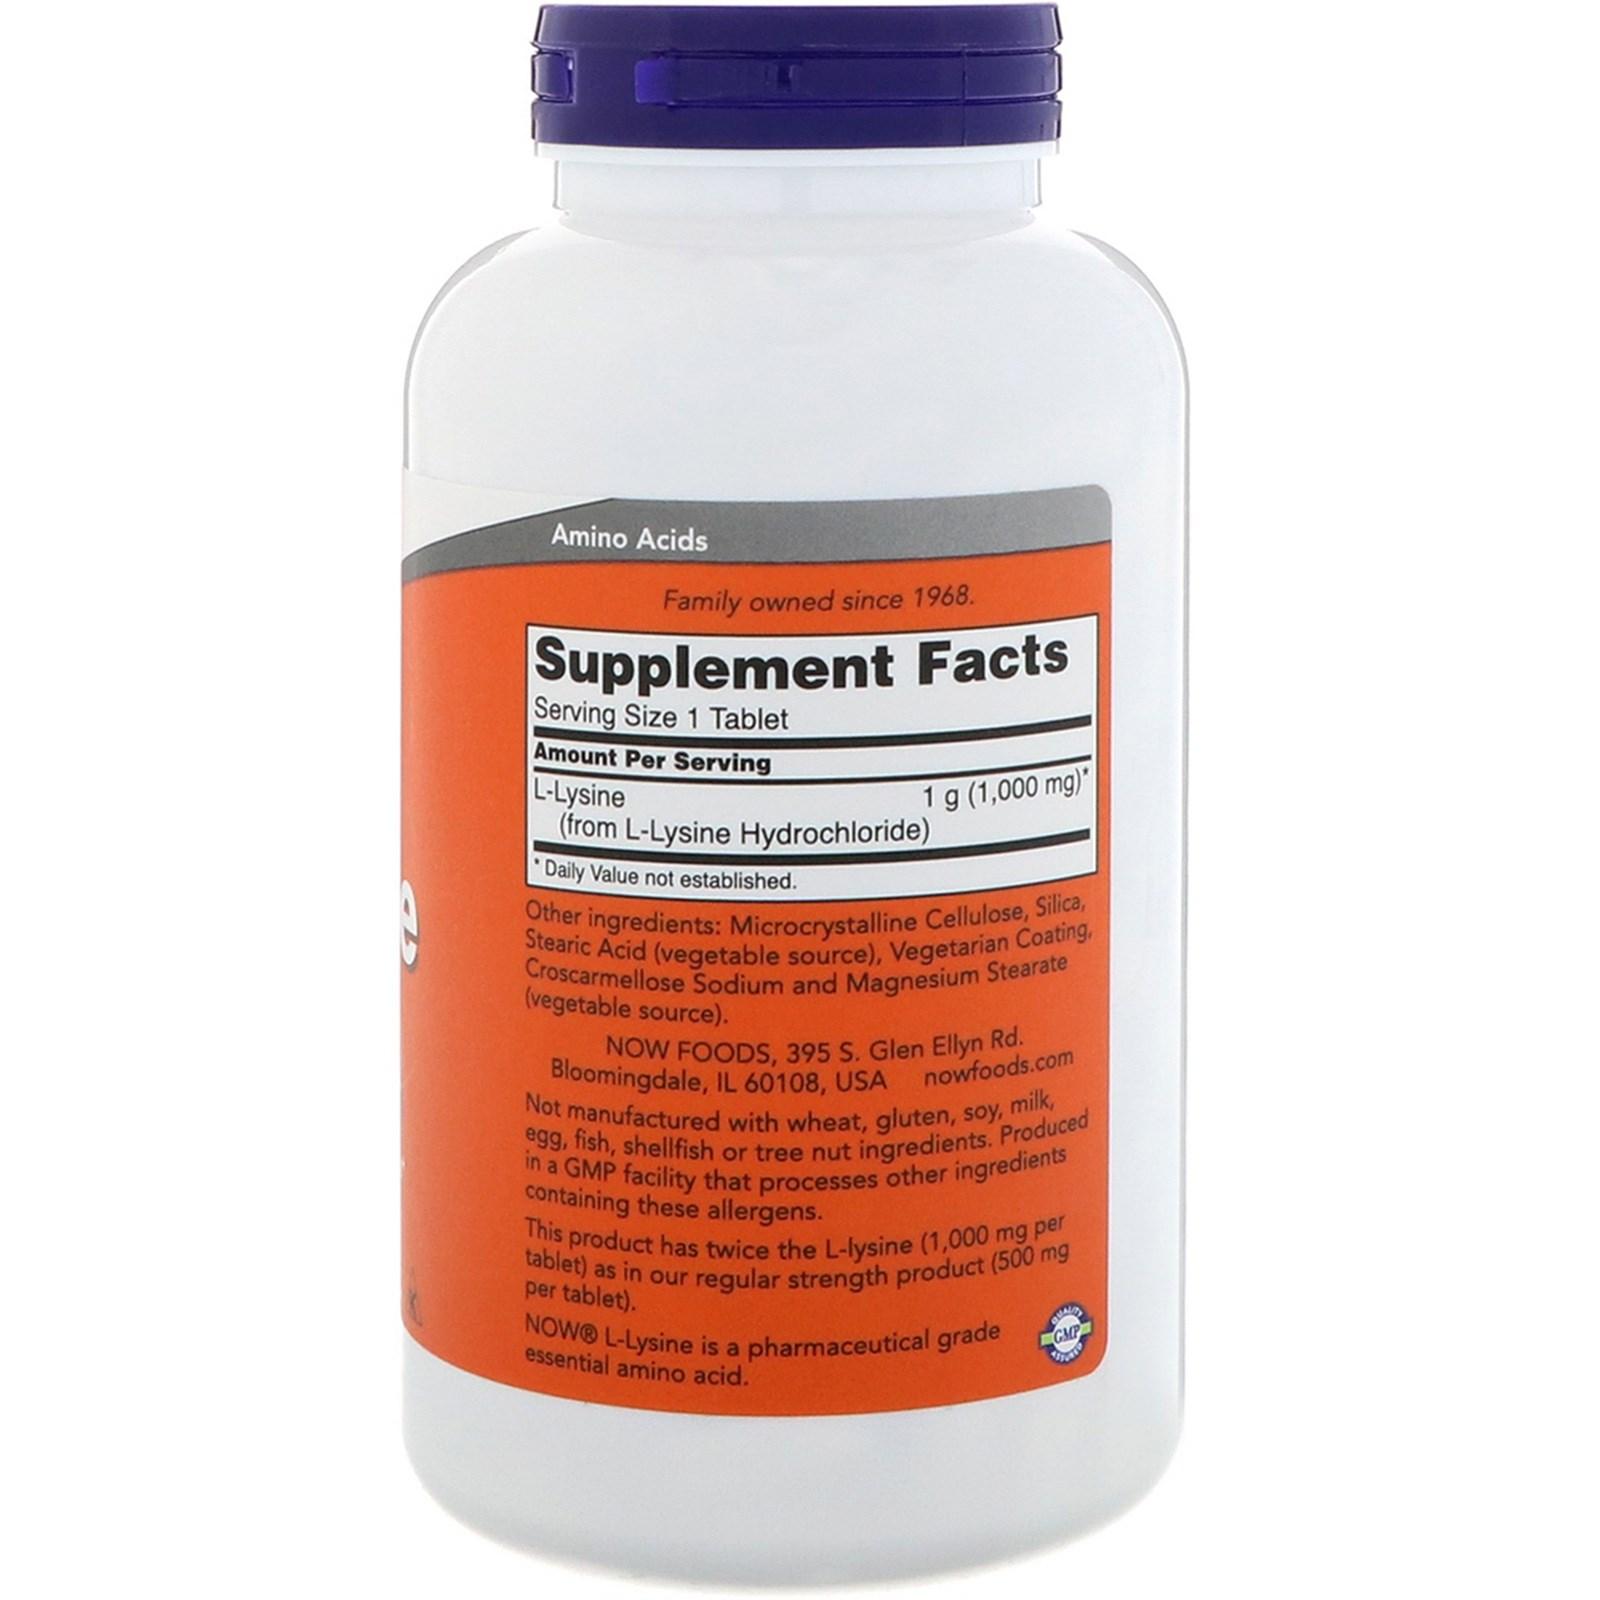 Лизин: для чего полезен, описание, формула, суточная норма, в каких продуктах содержится